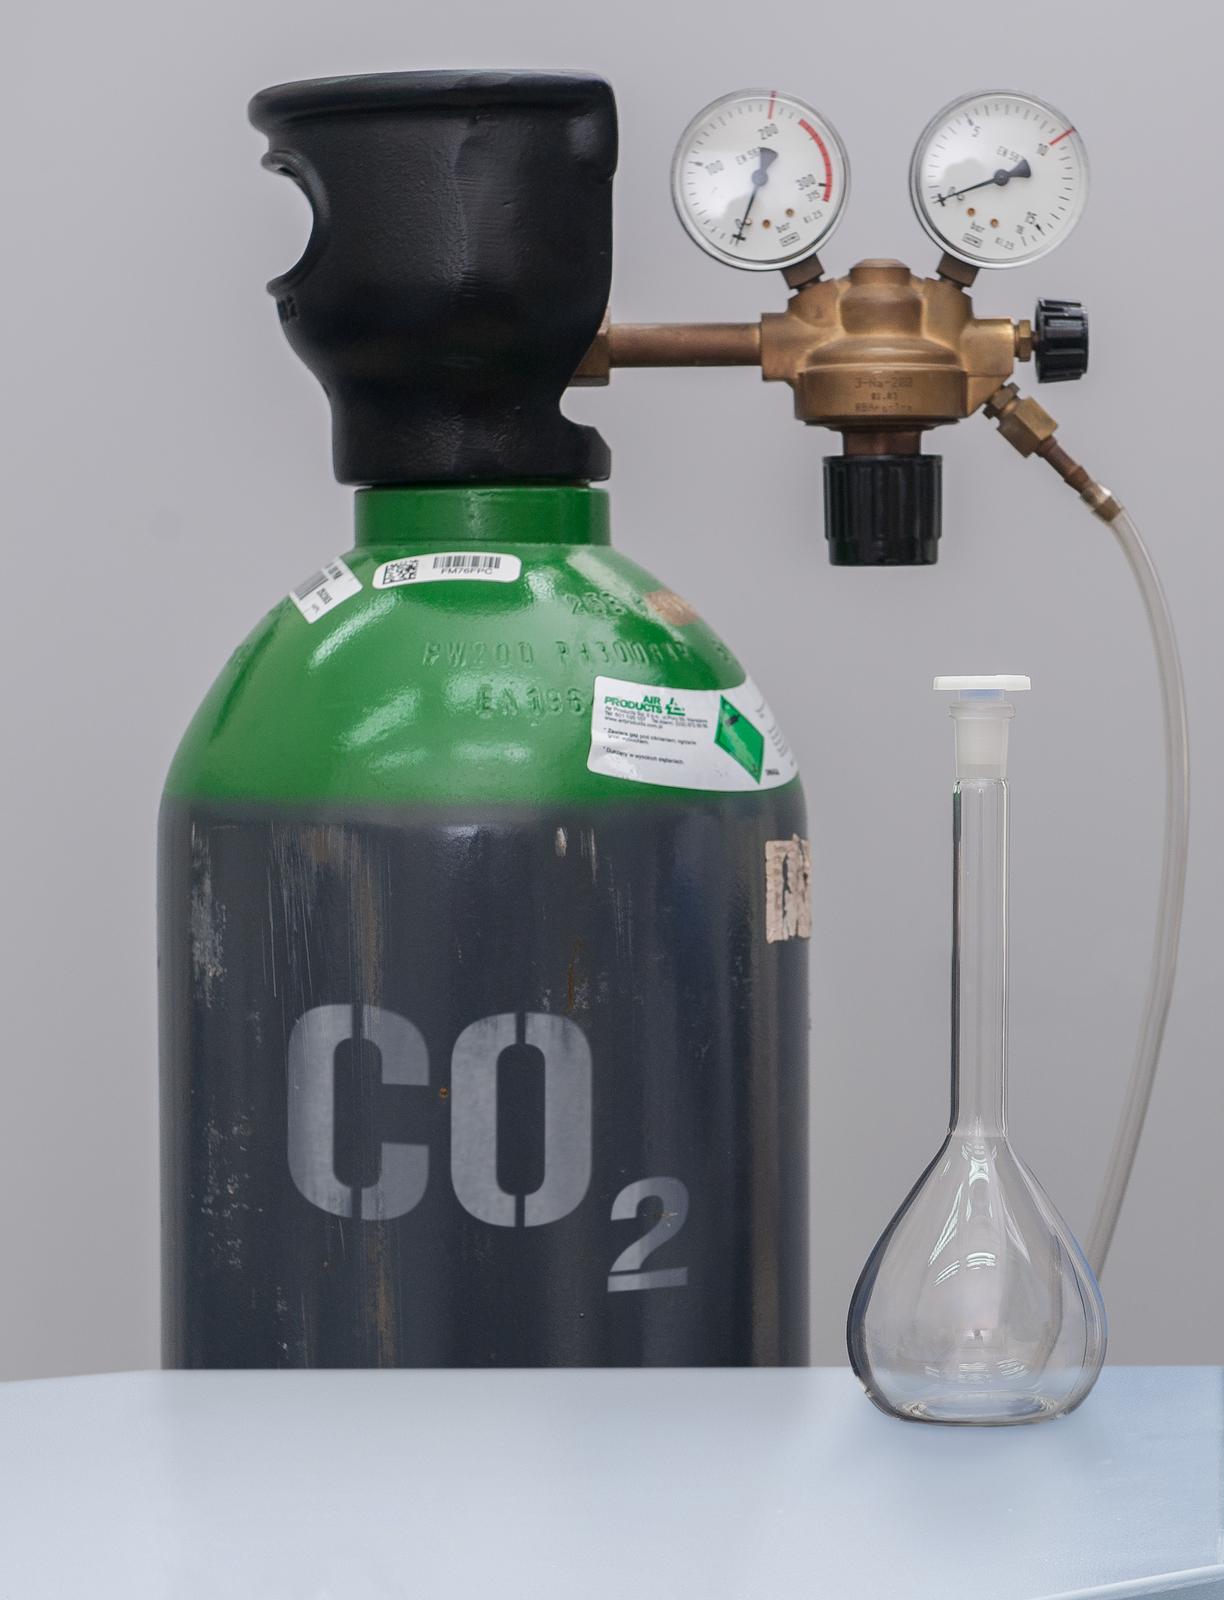 Zdjęcie przedstawia stolik zprzezroczystym zamkniętym naczyniem szklanym. Za nim stoi butla zgazem zaopatrzona wzawór opisana symbolem dwutlenku węgla CO2.